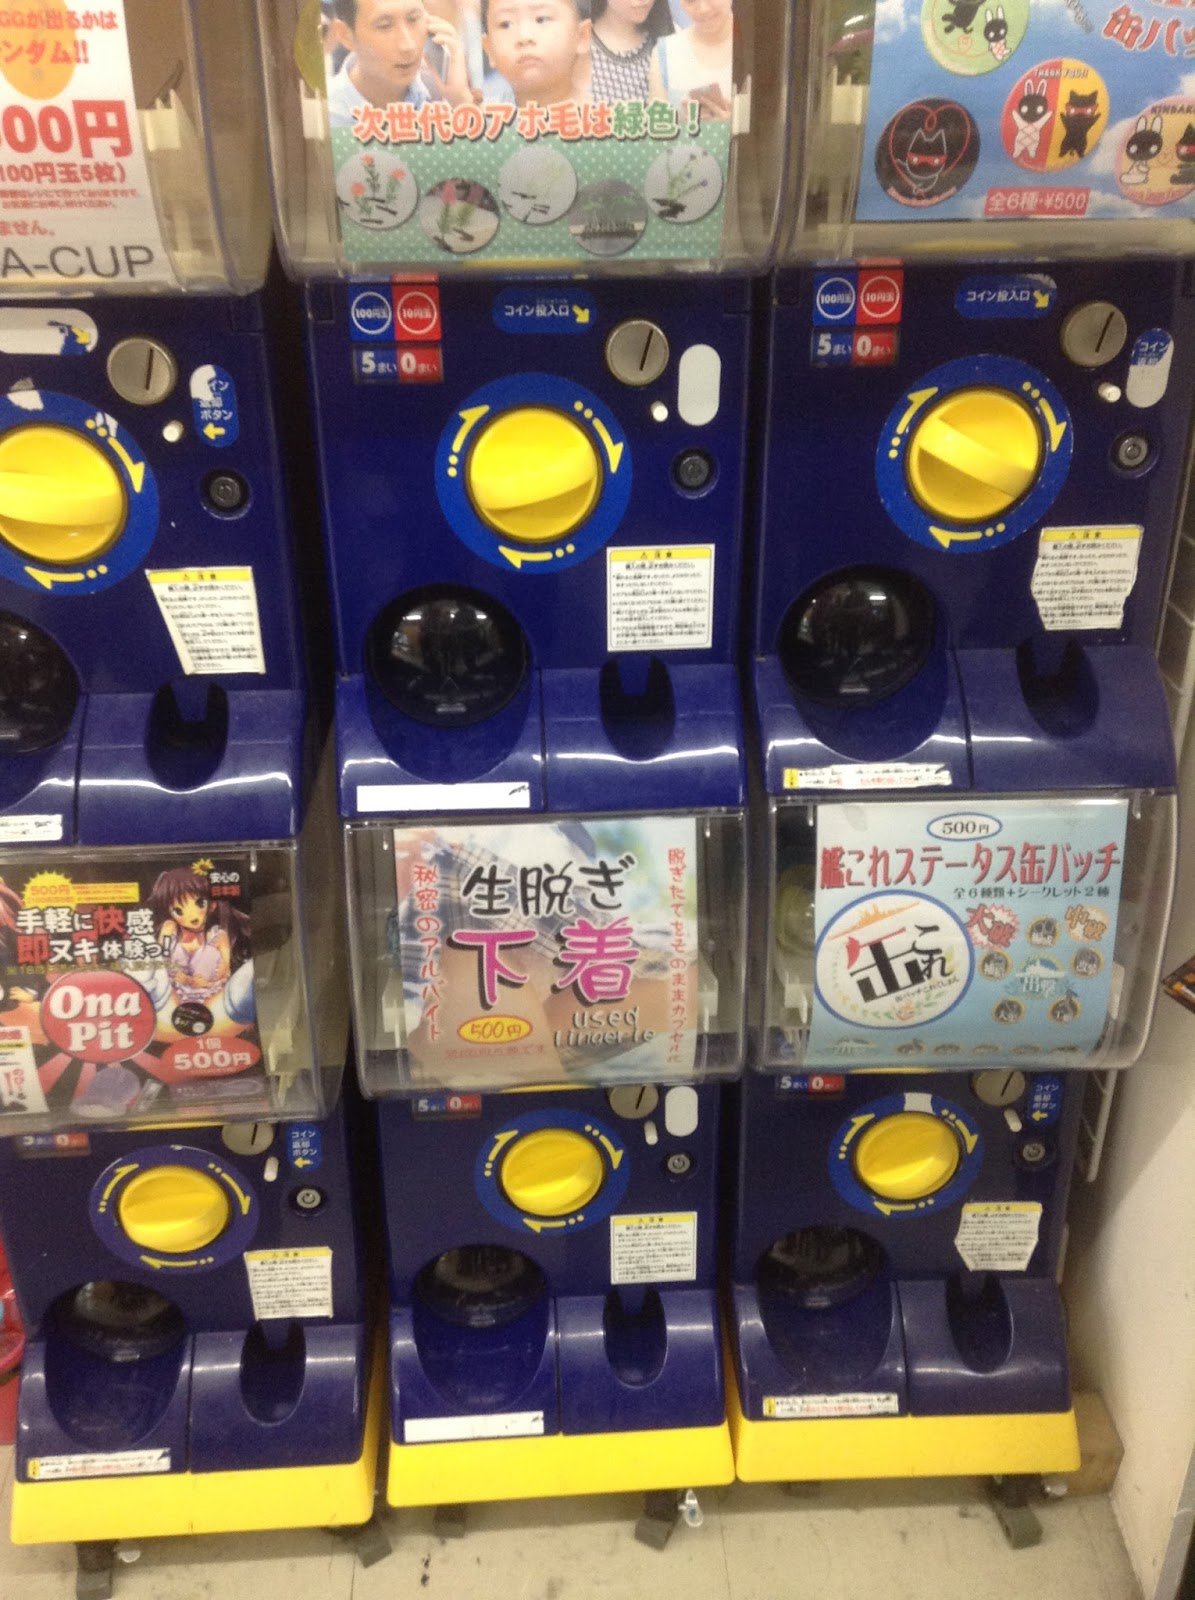 Gacha machine Nakano Broadway